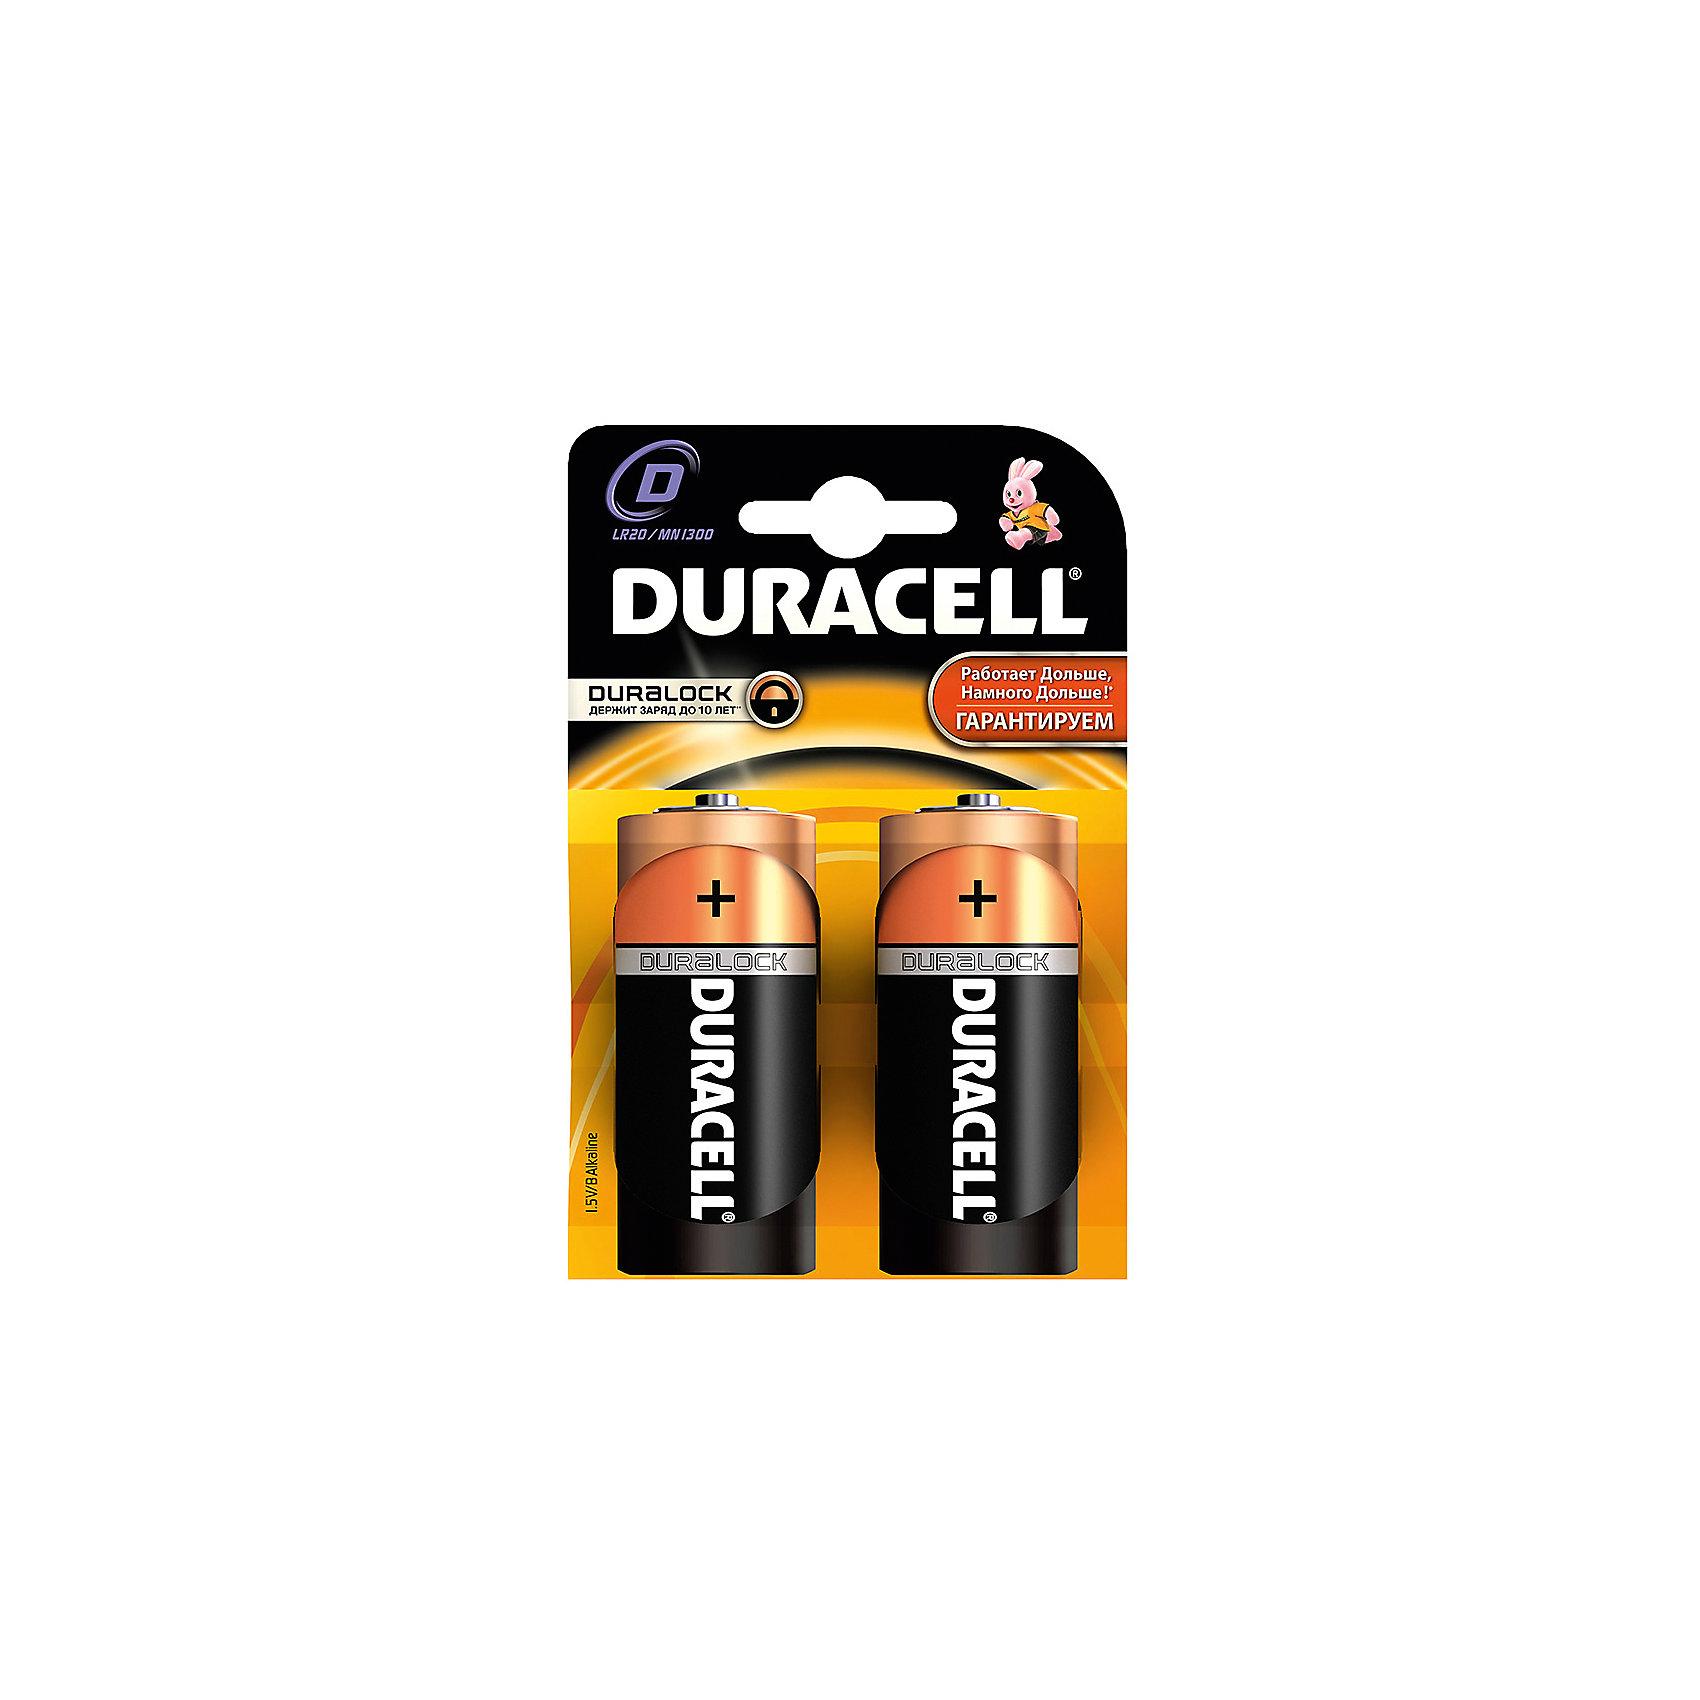 Батарейки алкалиновые Basic D 1.5V LR20, тип AA, 2шт., DURACELLДетская электроника<br>Характеристики:<br><br>• Тип электролита: алкалиновые<br>• Тип по питанию: АА <br>• Комплектация: 2 батарейки<br>• Вес в упаковке: 200 г<br>• Размеры упаковки (Д*Ш*В): 9*4*12 см<br>• Упаковка: картонная коробка с европодвесом <br><br>Батарейки алкалиновые Basic D 1.5V LR20, тип AA, 2шт., DURACELL от всемирно известного торгового бренда DURACELL, который является создателем первой щелочной батарейки. Щелочные батарейки отличаются более длительным сроком службы, повышенной герметичностью, благодаря чему батарейки от  DURACELL не протекают. <br><br>Элементы питания хорошо переносят низкие температуры, сохраняя при этом свои свойства и качества. В наборе предусмотрены 2 батарейки. Батарейки алкалиновые Basic D 1.5V LR20, тип AA, 2шт., DURACELL – это длительный срок службы и бесперебойность в работе портативных электронных устройств!<br><br>Батарейки алкалиновые Basic D 1.5V LR20, тип AA, 2шт., DURACELL можно купить в нашем интернет-магазине.<br><br>Ширина мм: 90<br>Глубина мм: 40<br>Высота мм: 120<br>Вес г: 200<br>Возраст от месяцев: 60<br>Возраст до месяцев: 1188<br>Пол: Унисекс<br>Возраст: Детский<br>SKU: 5514792